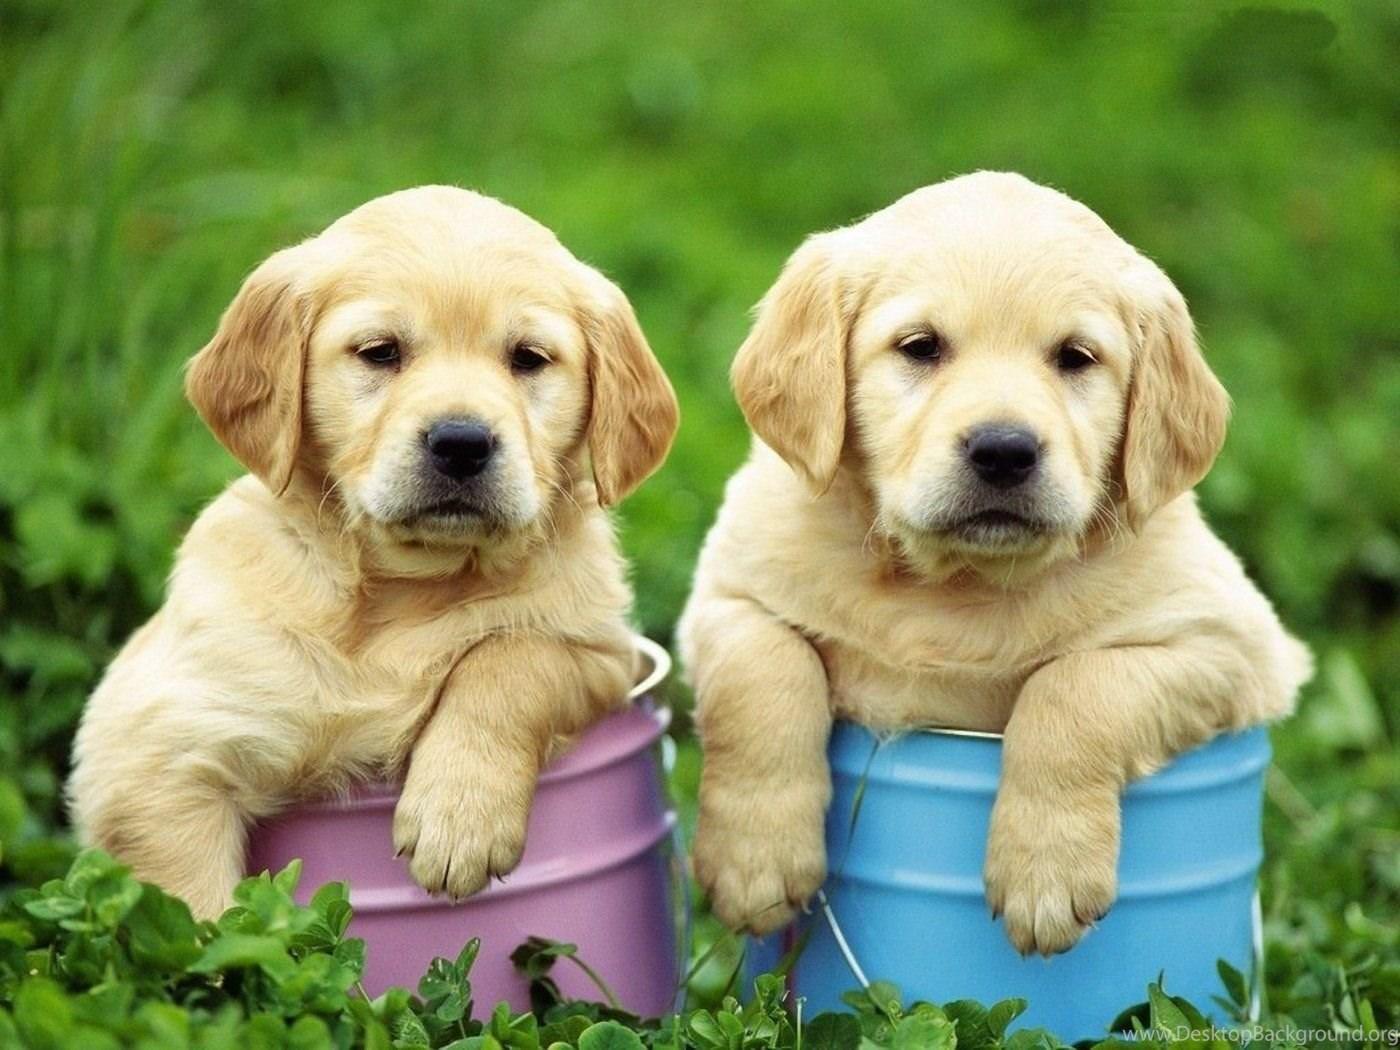 Cute Golden Retriever Puppies Sleeping Wallpaper Desktop Background